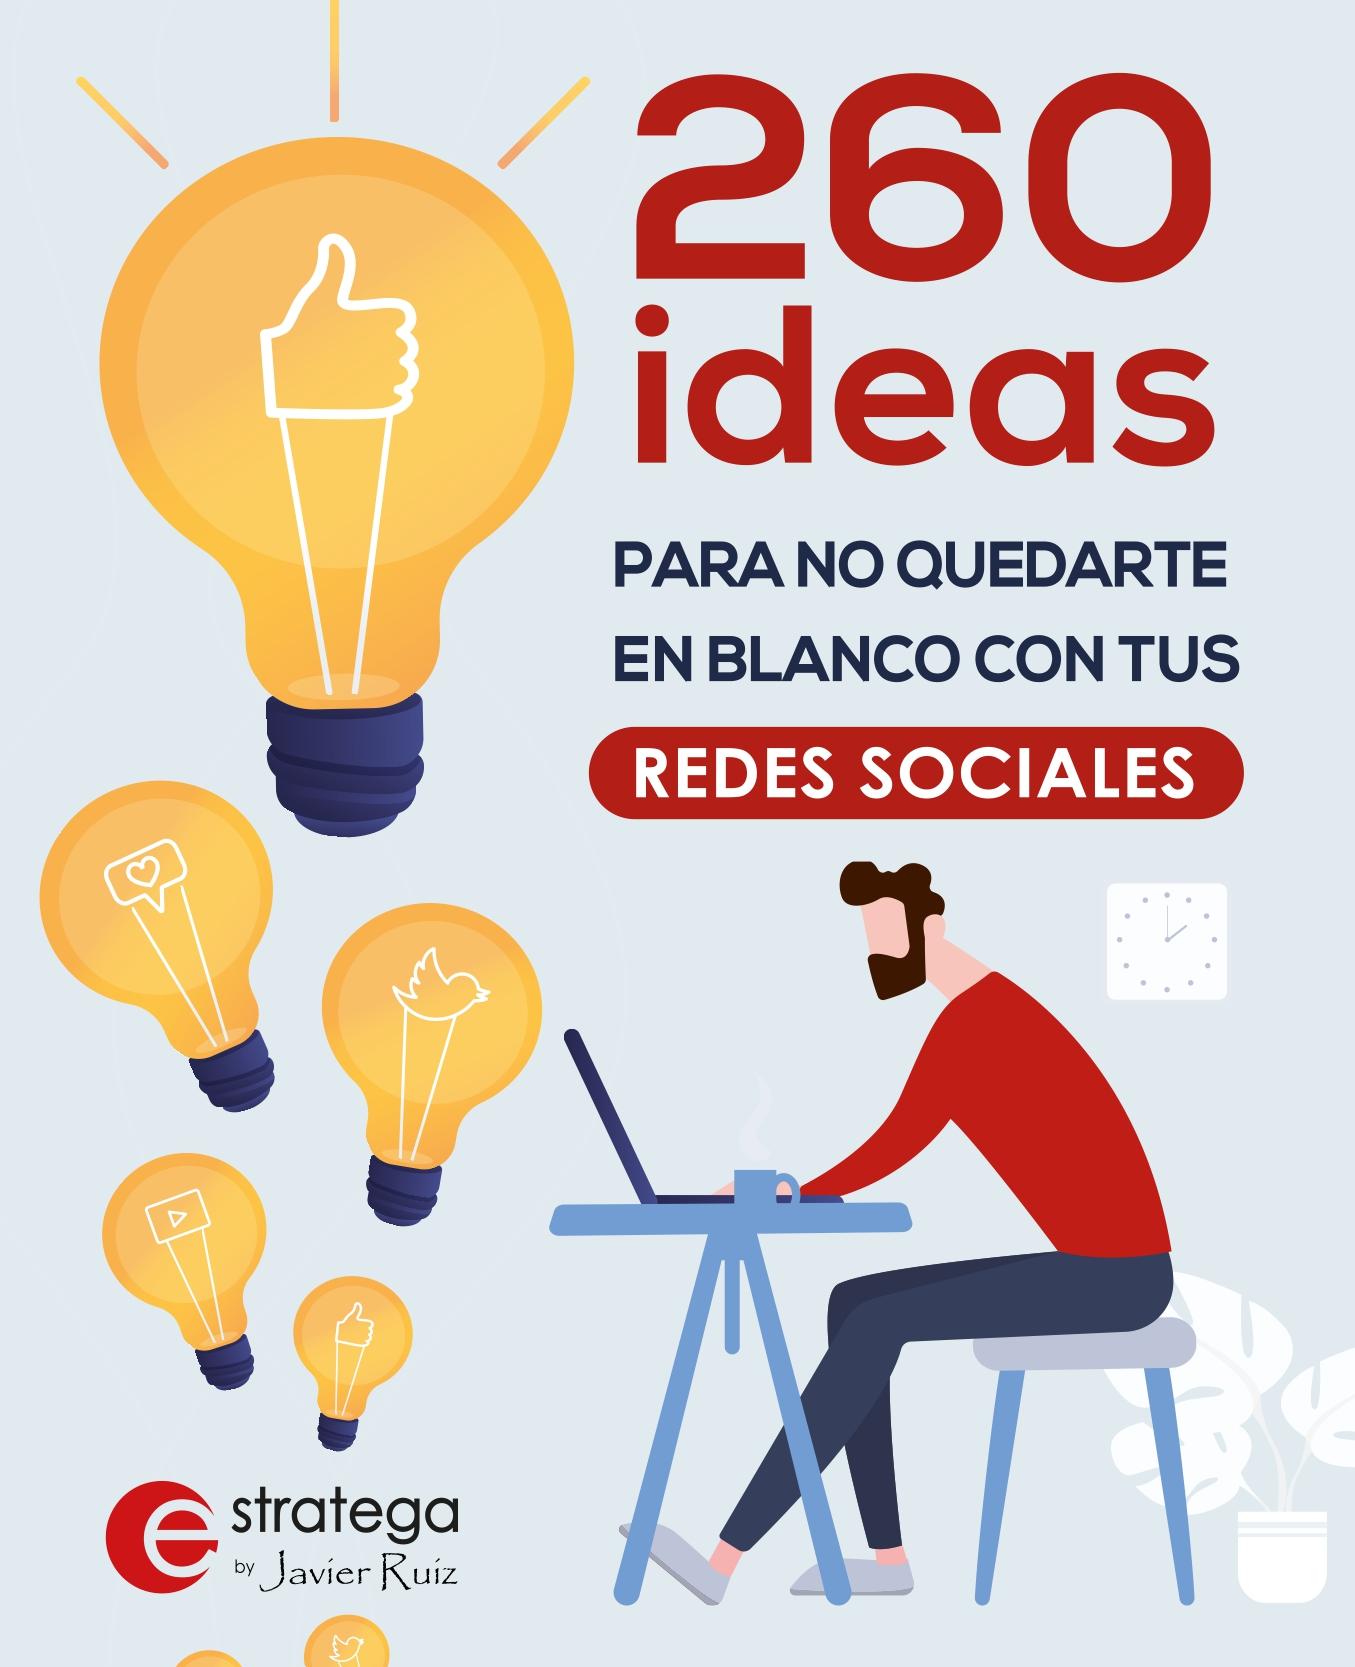 Ebook 2021 - 260 ideas para no quedarte en blanco con tus redes sociales_page-0001